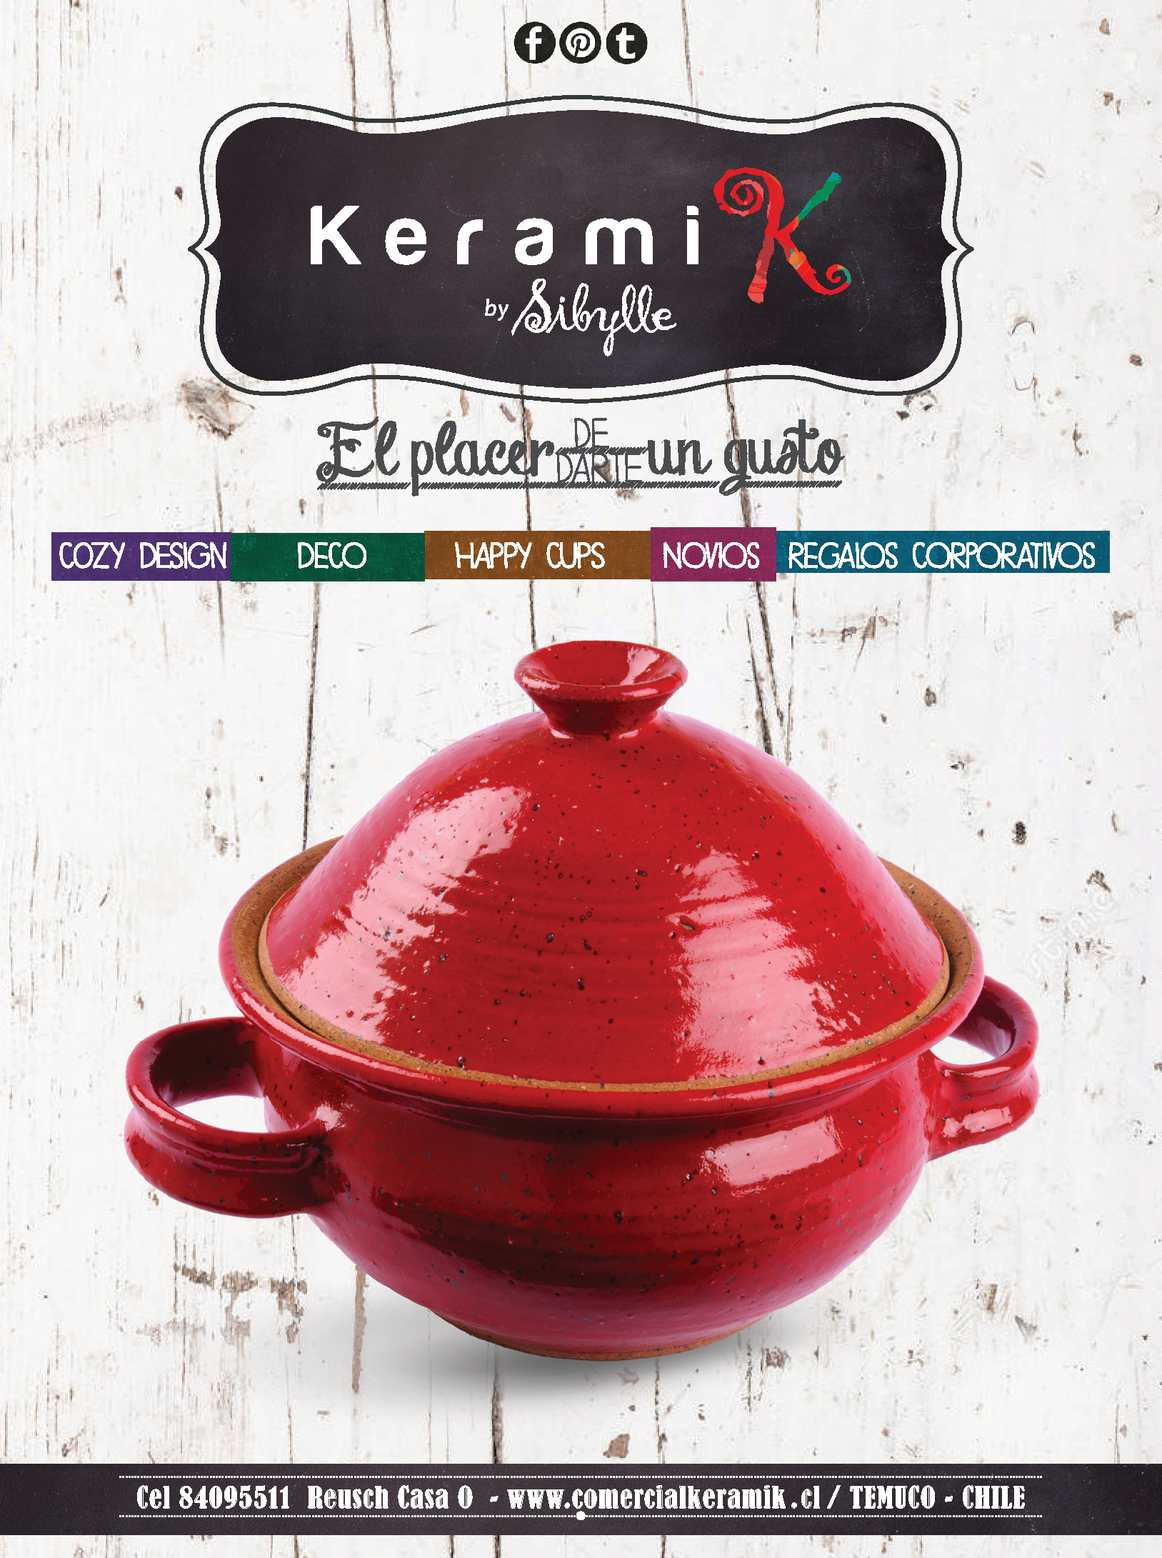 Catalogo 2014 Keramik Ceramicas